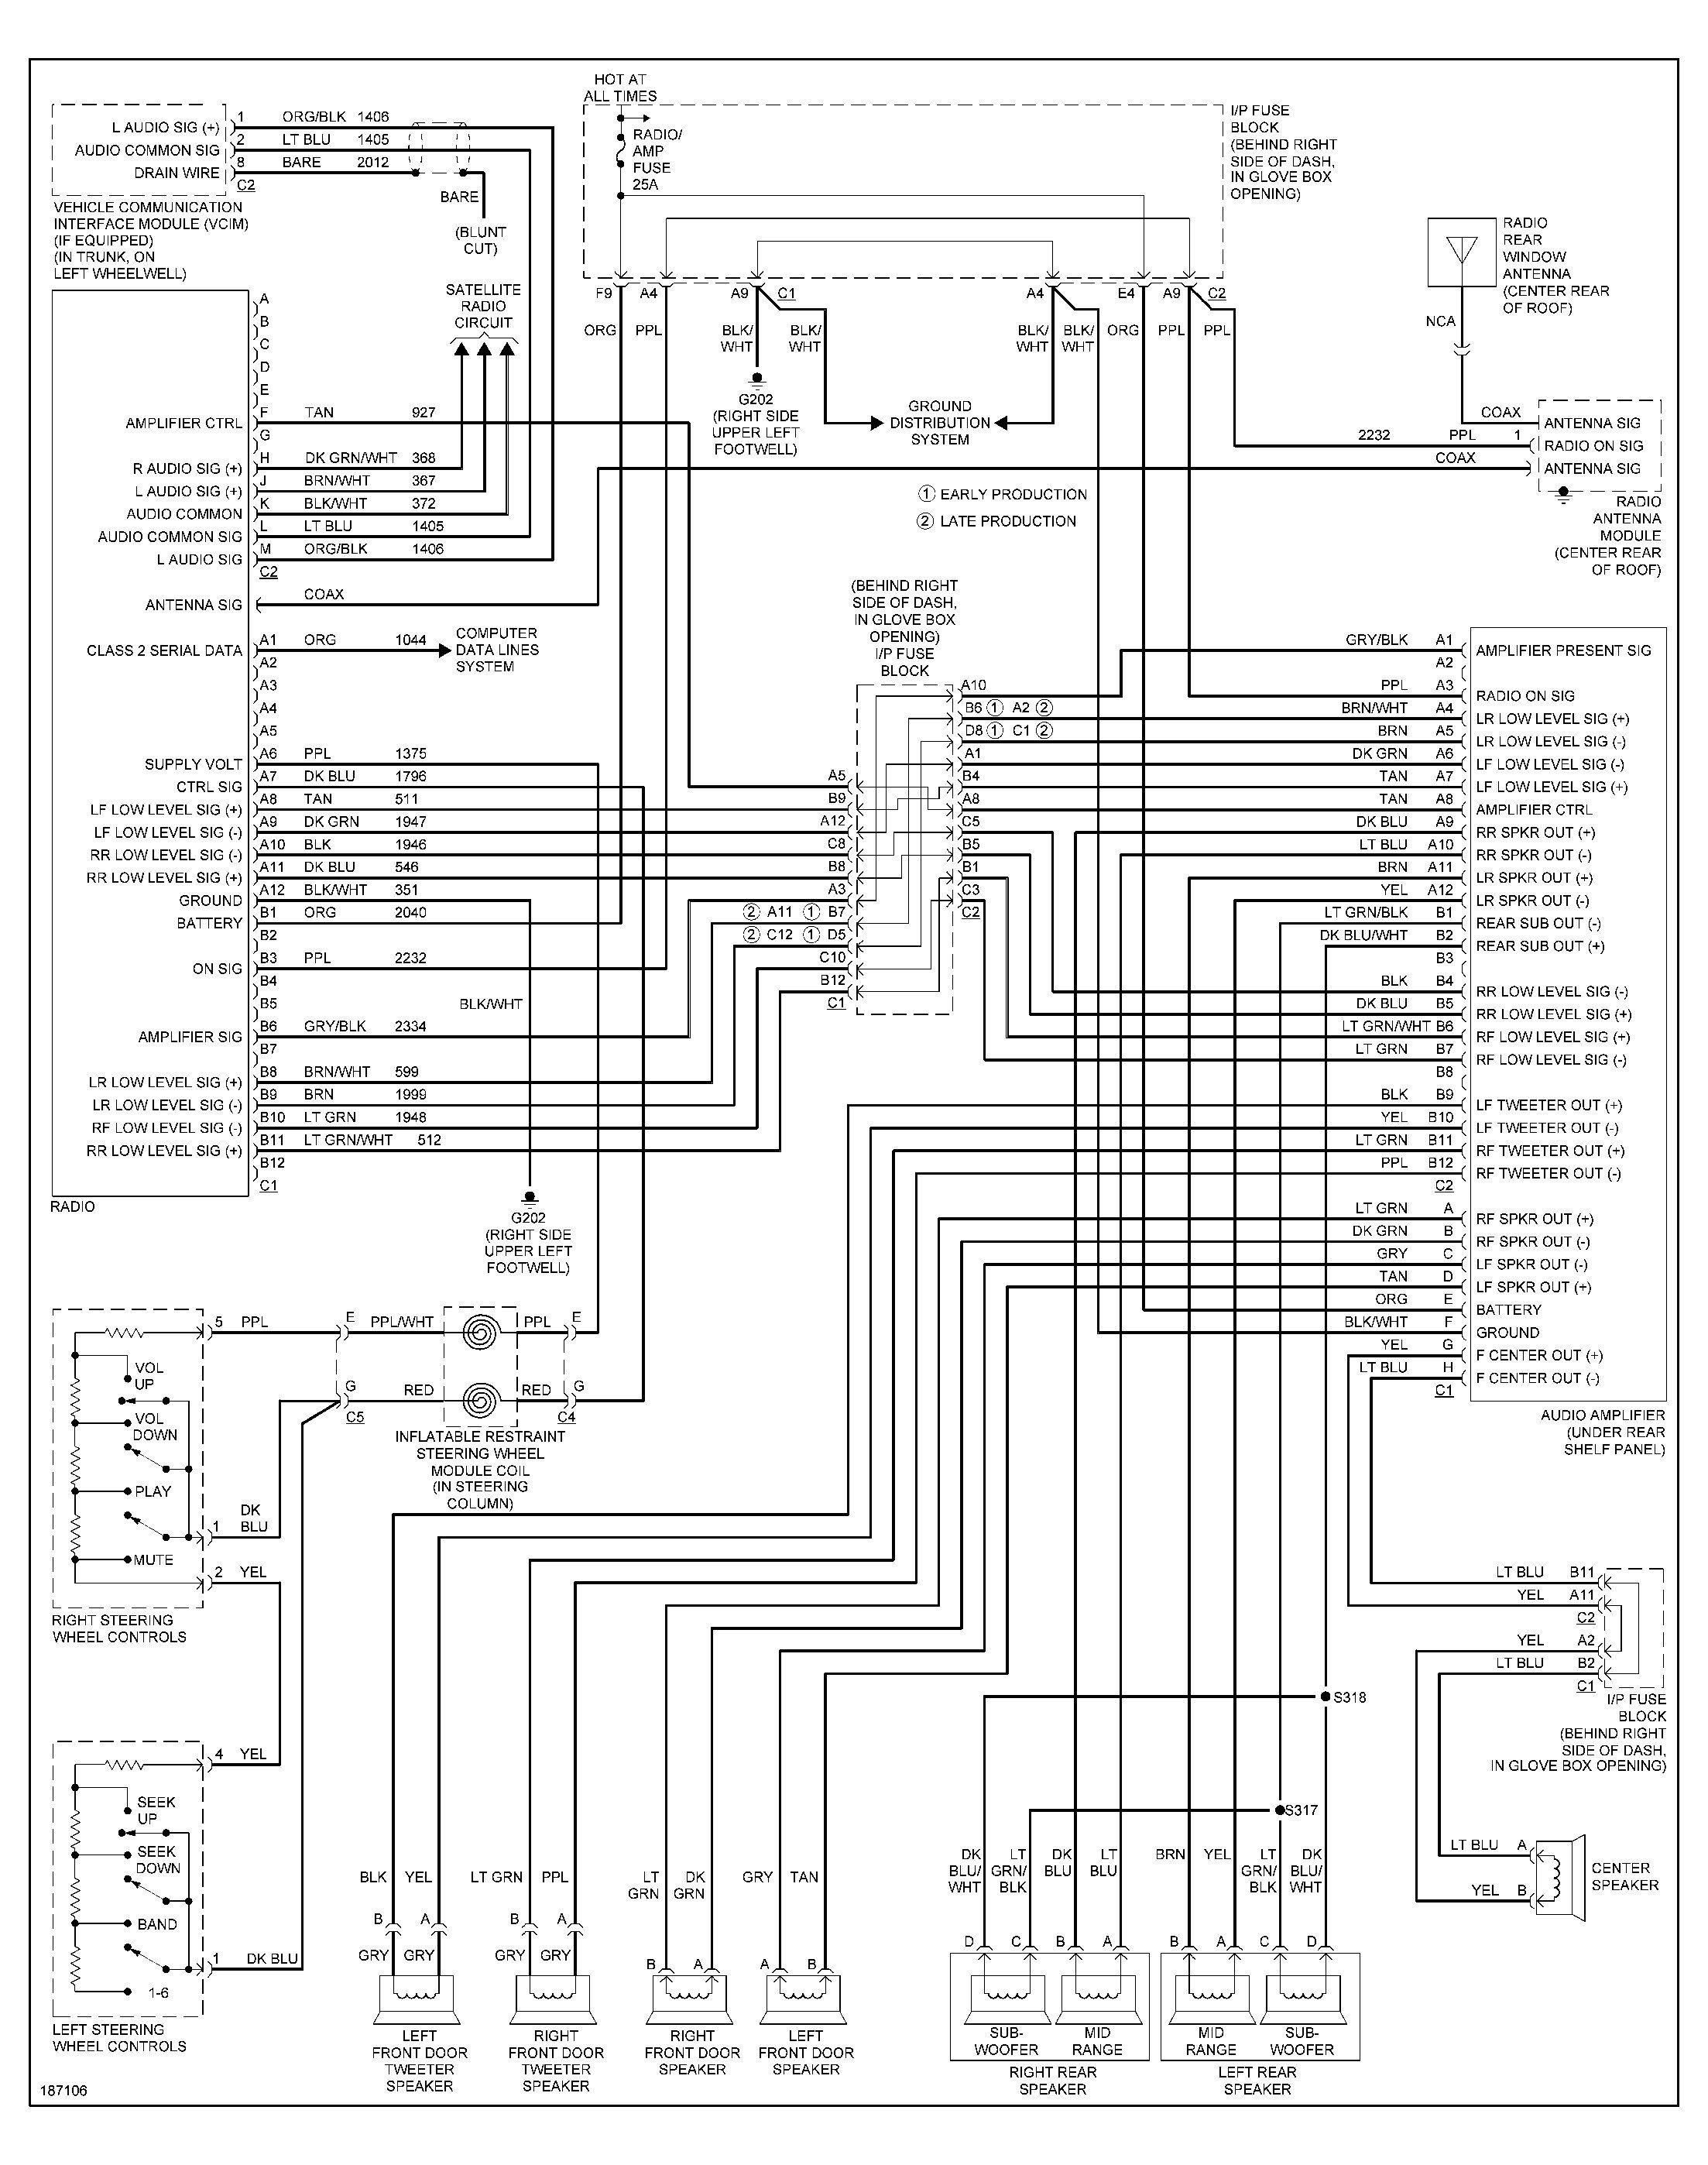 Inspirational 2002 Pontiac Grand Prix Radio Wiring Diagram In 2020 Pontiac Montana Pontiac Sunfire Pontiac Grand Prix